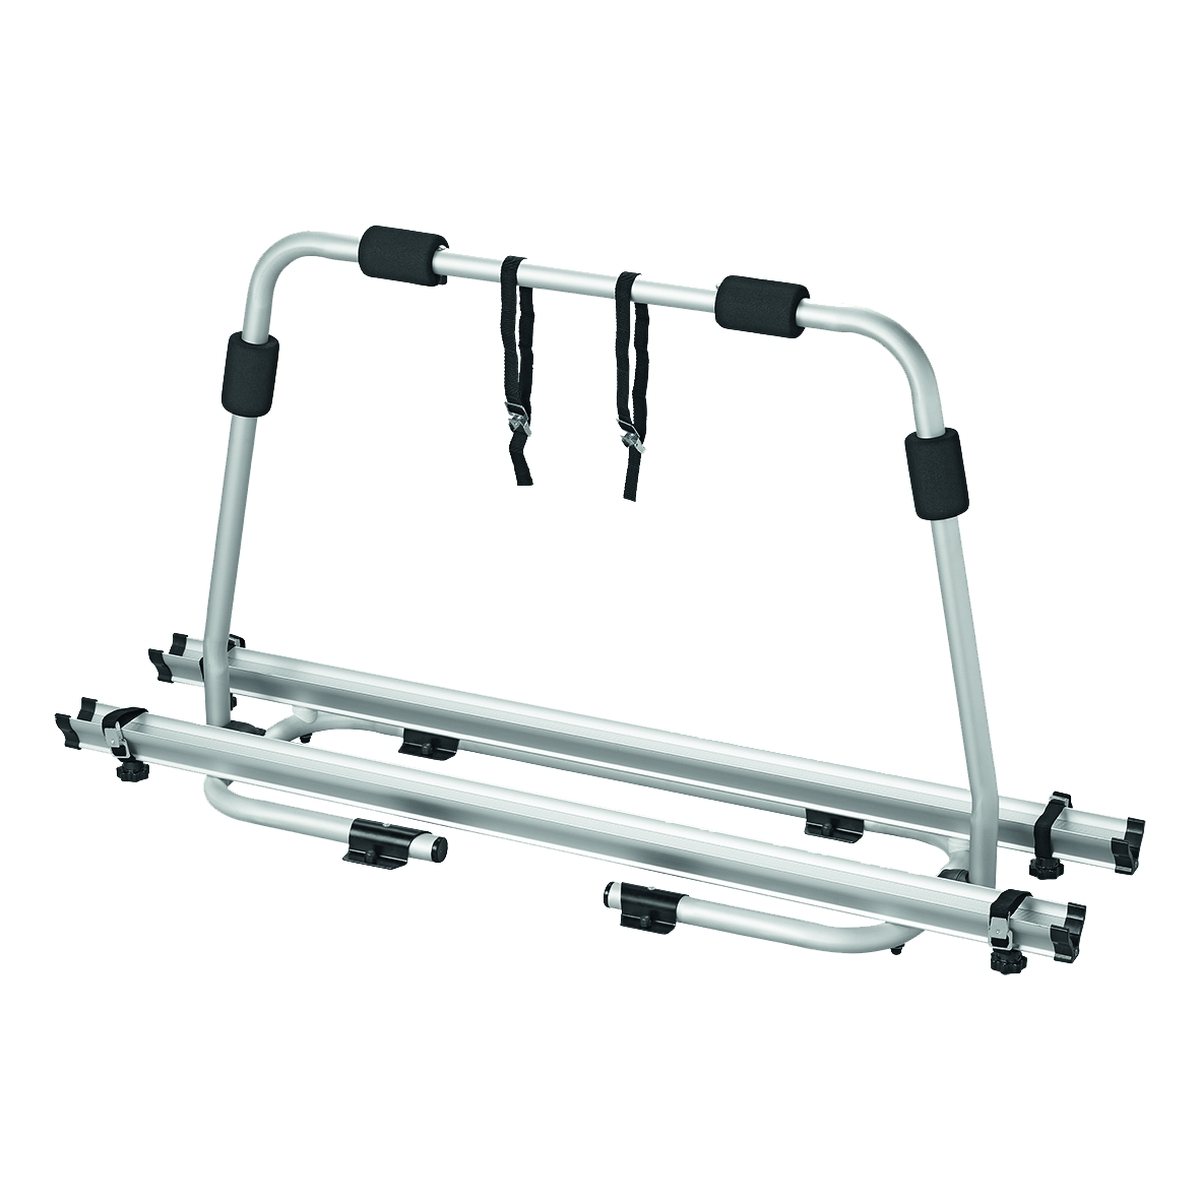 Deichsel-Fahrradträger für 2 Fahrräder, Aluminium